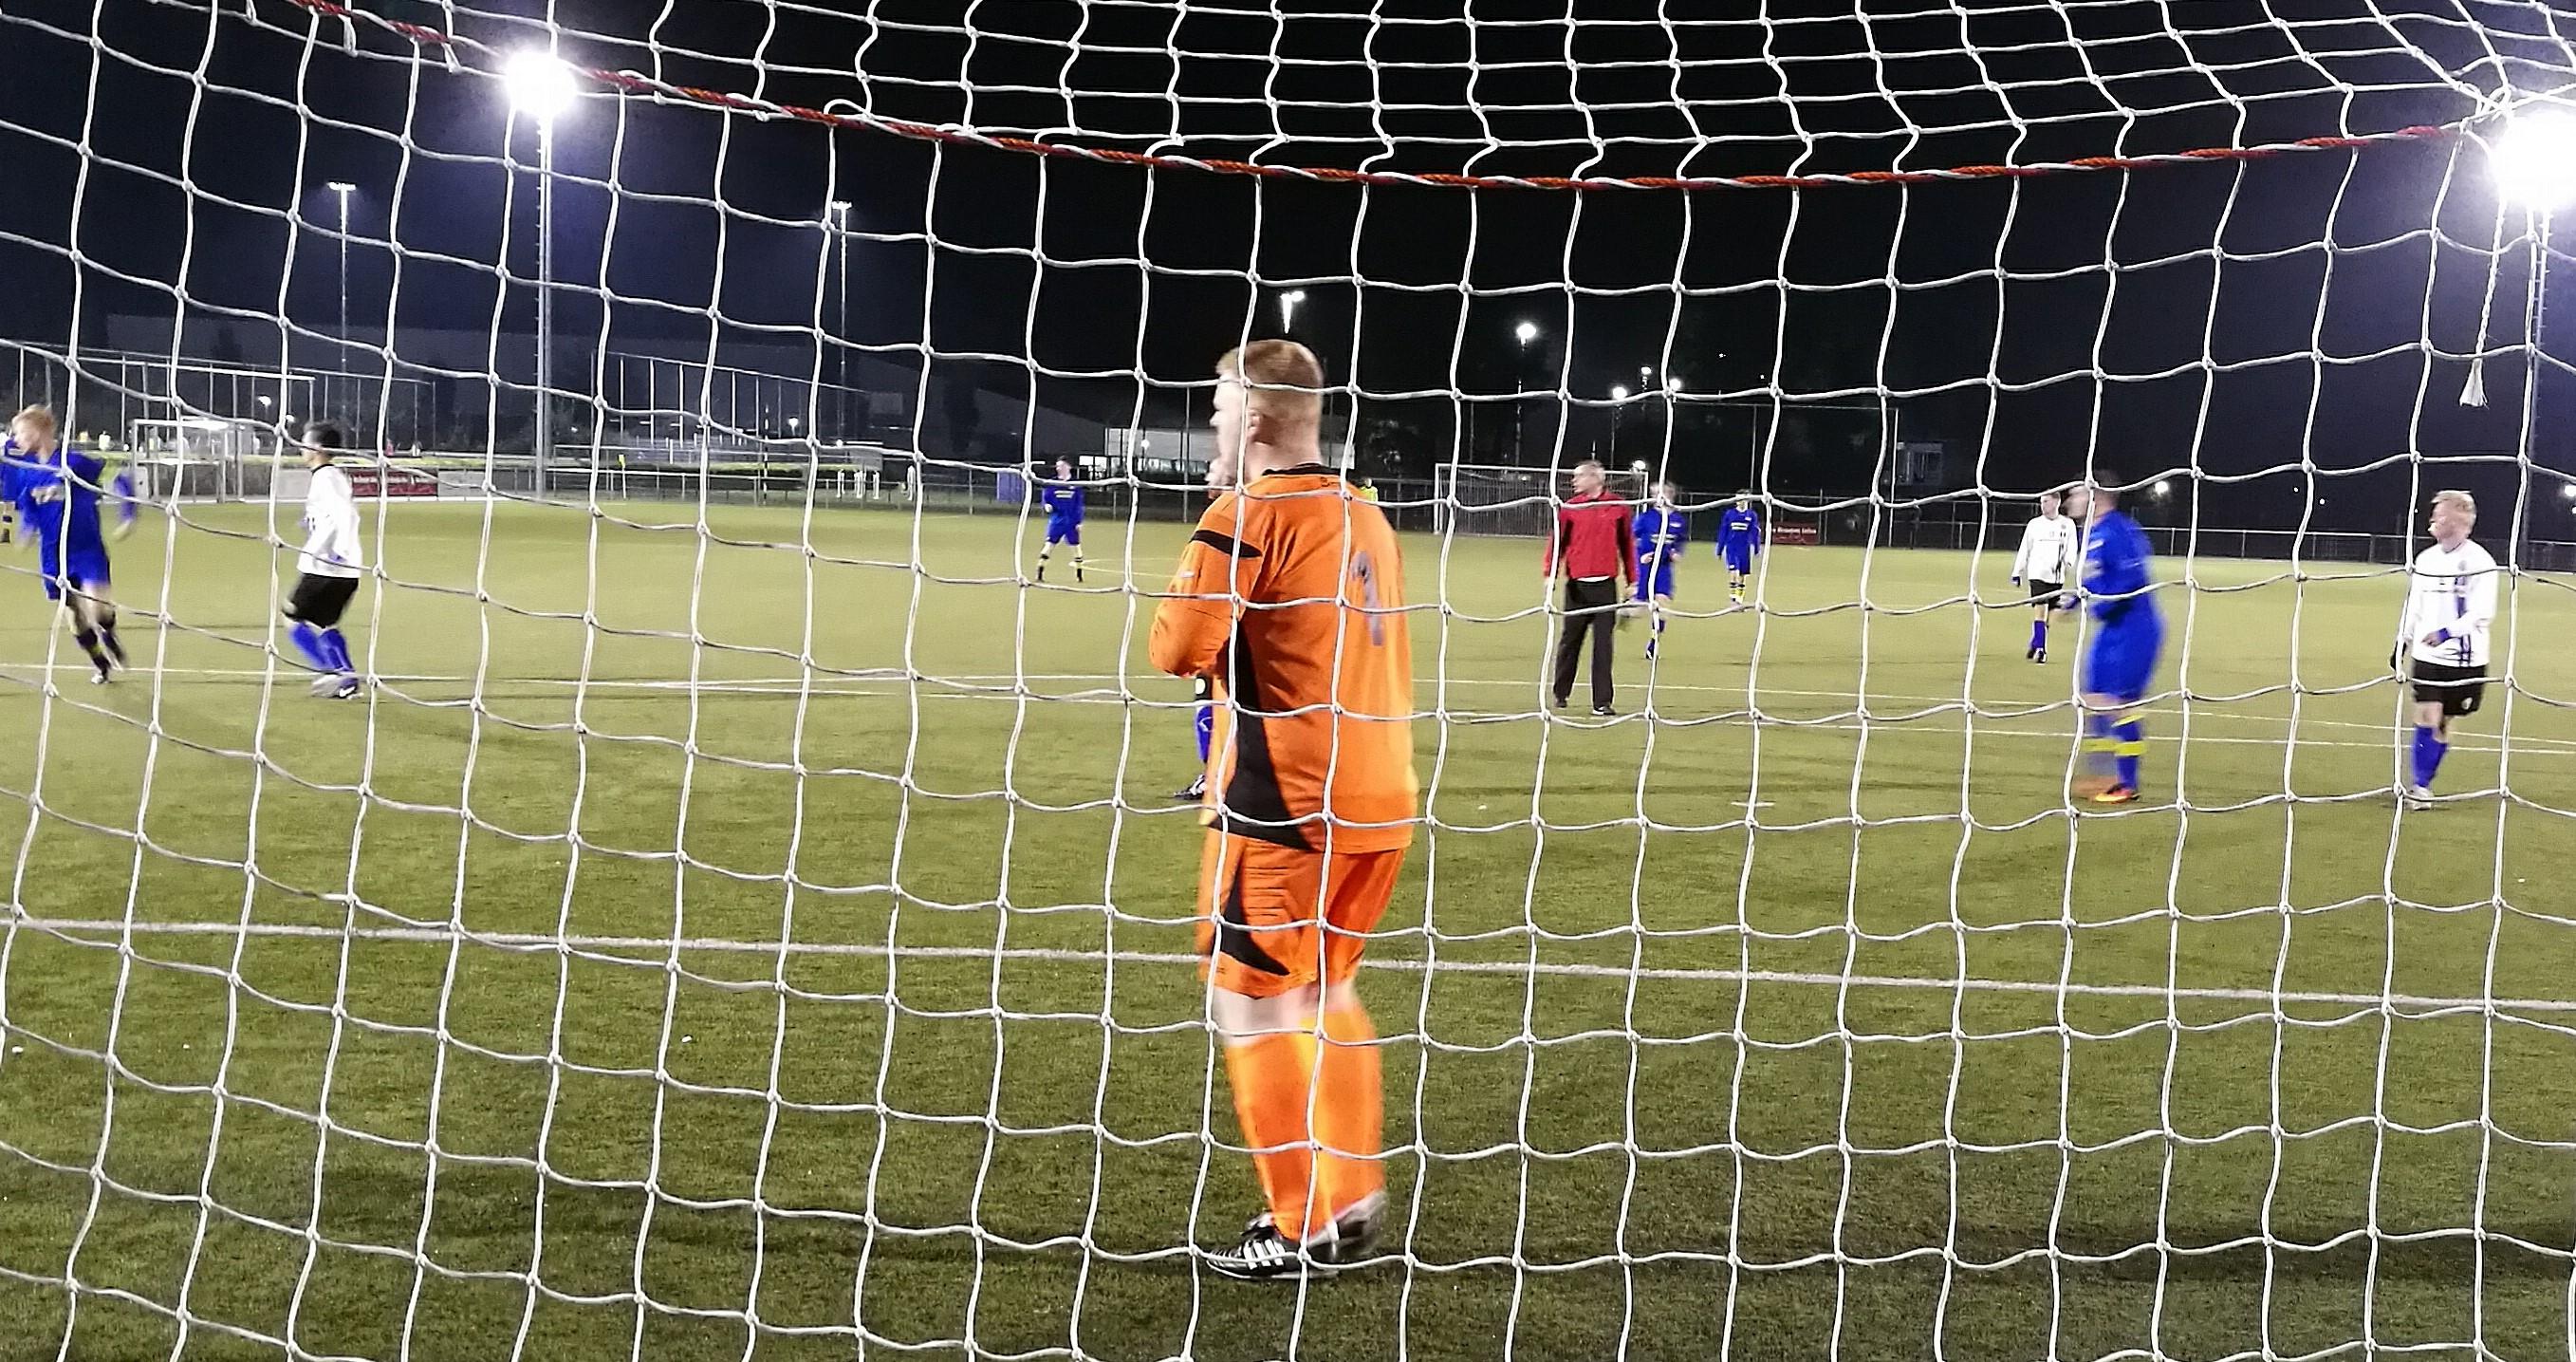 VEW - DSOV - Voetbal in Haarlem